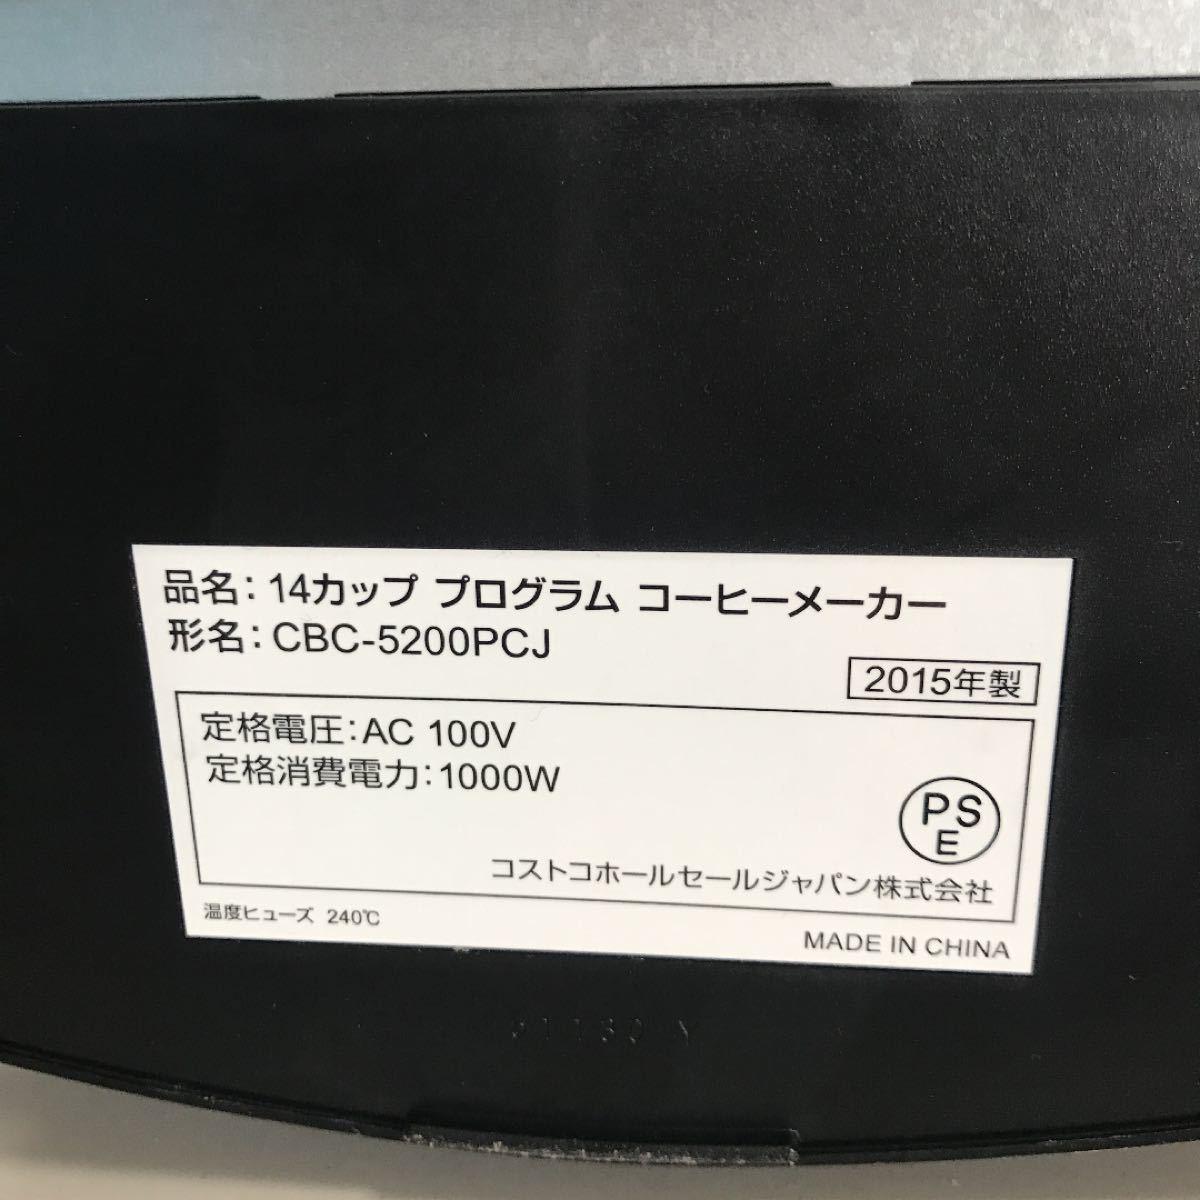 クイジナート 全自動コーヒーメーカー CBC-5200PCJ コストコ